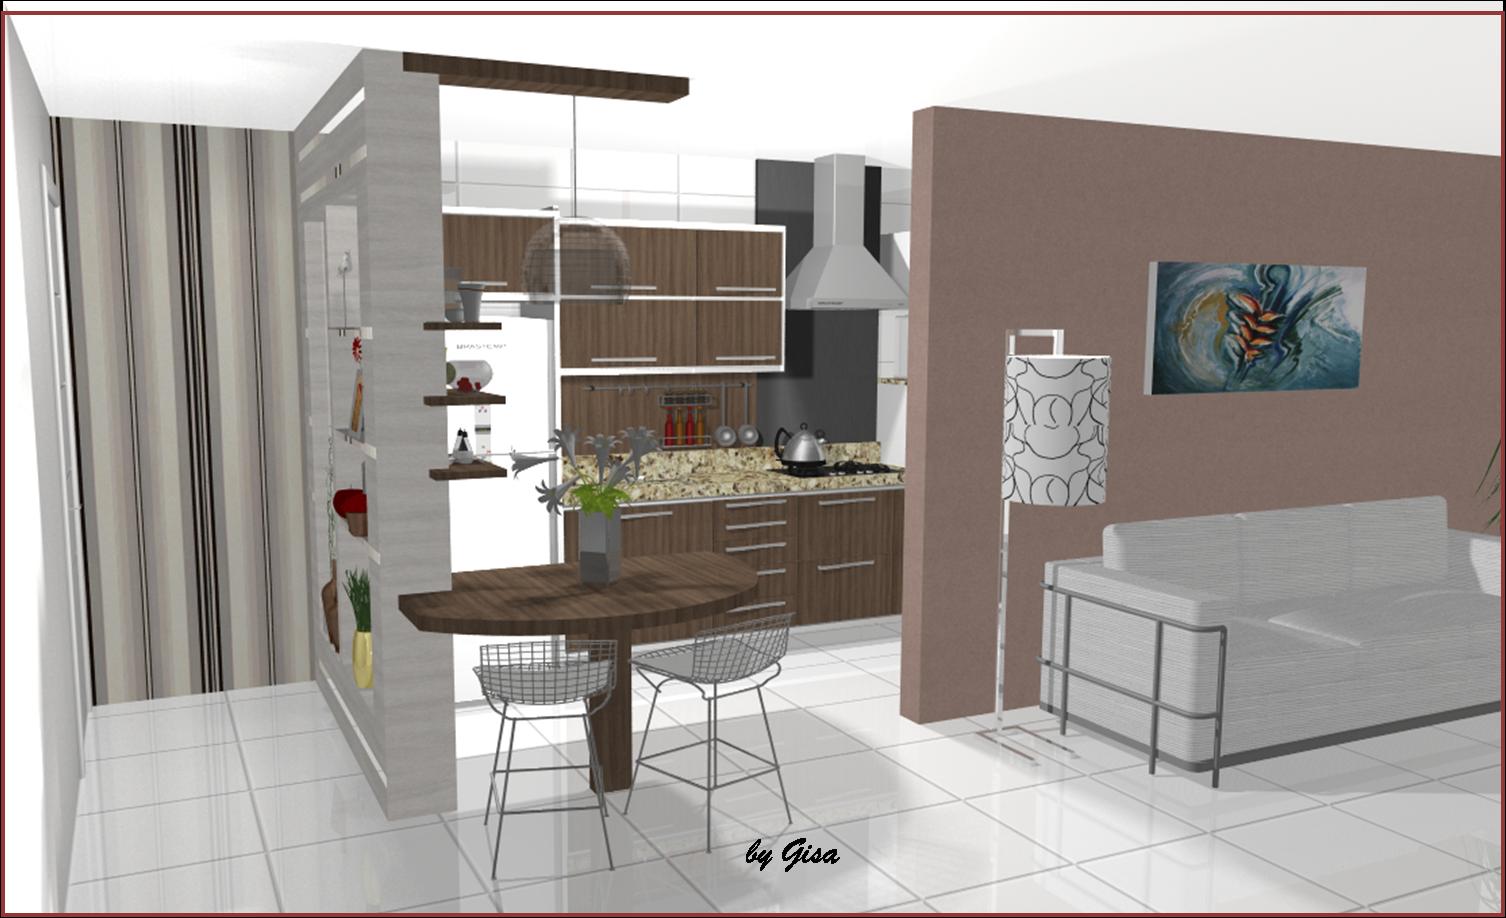 Projeto Feito Sonho Realizado: Cozinha Pequena integrada com a Sala #4E5F30 1506 918